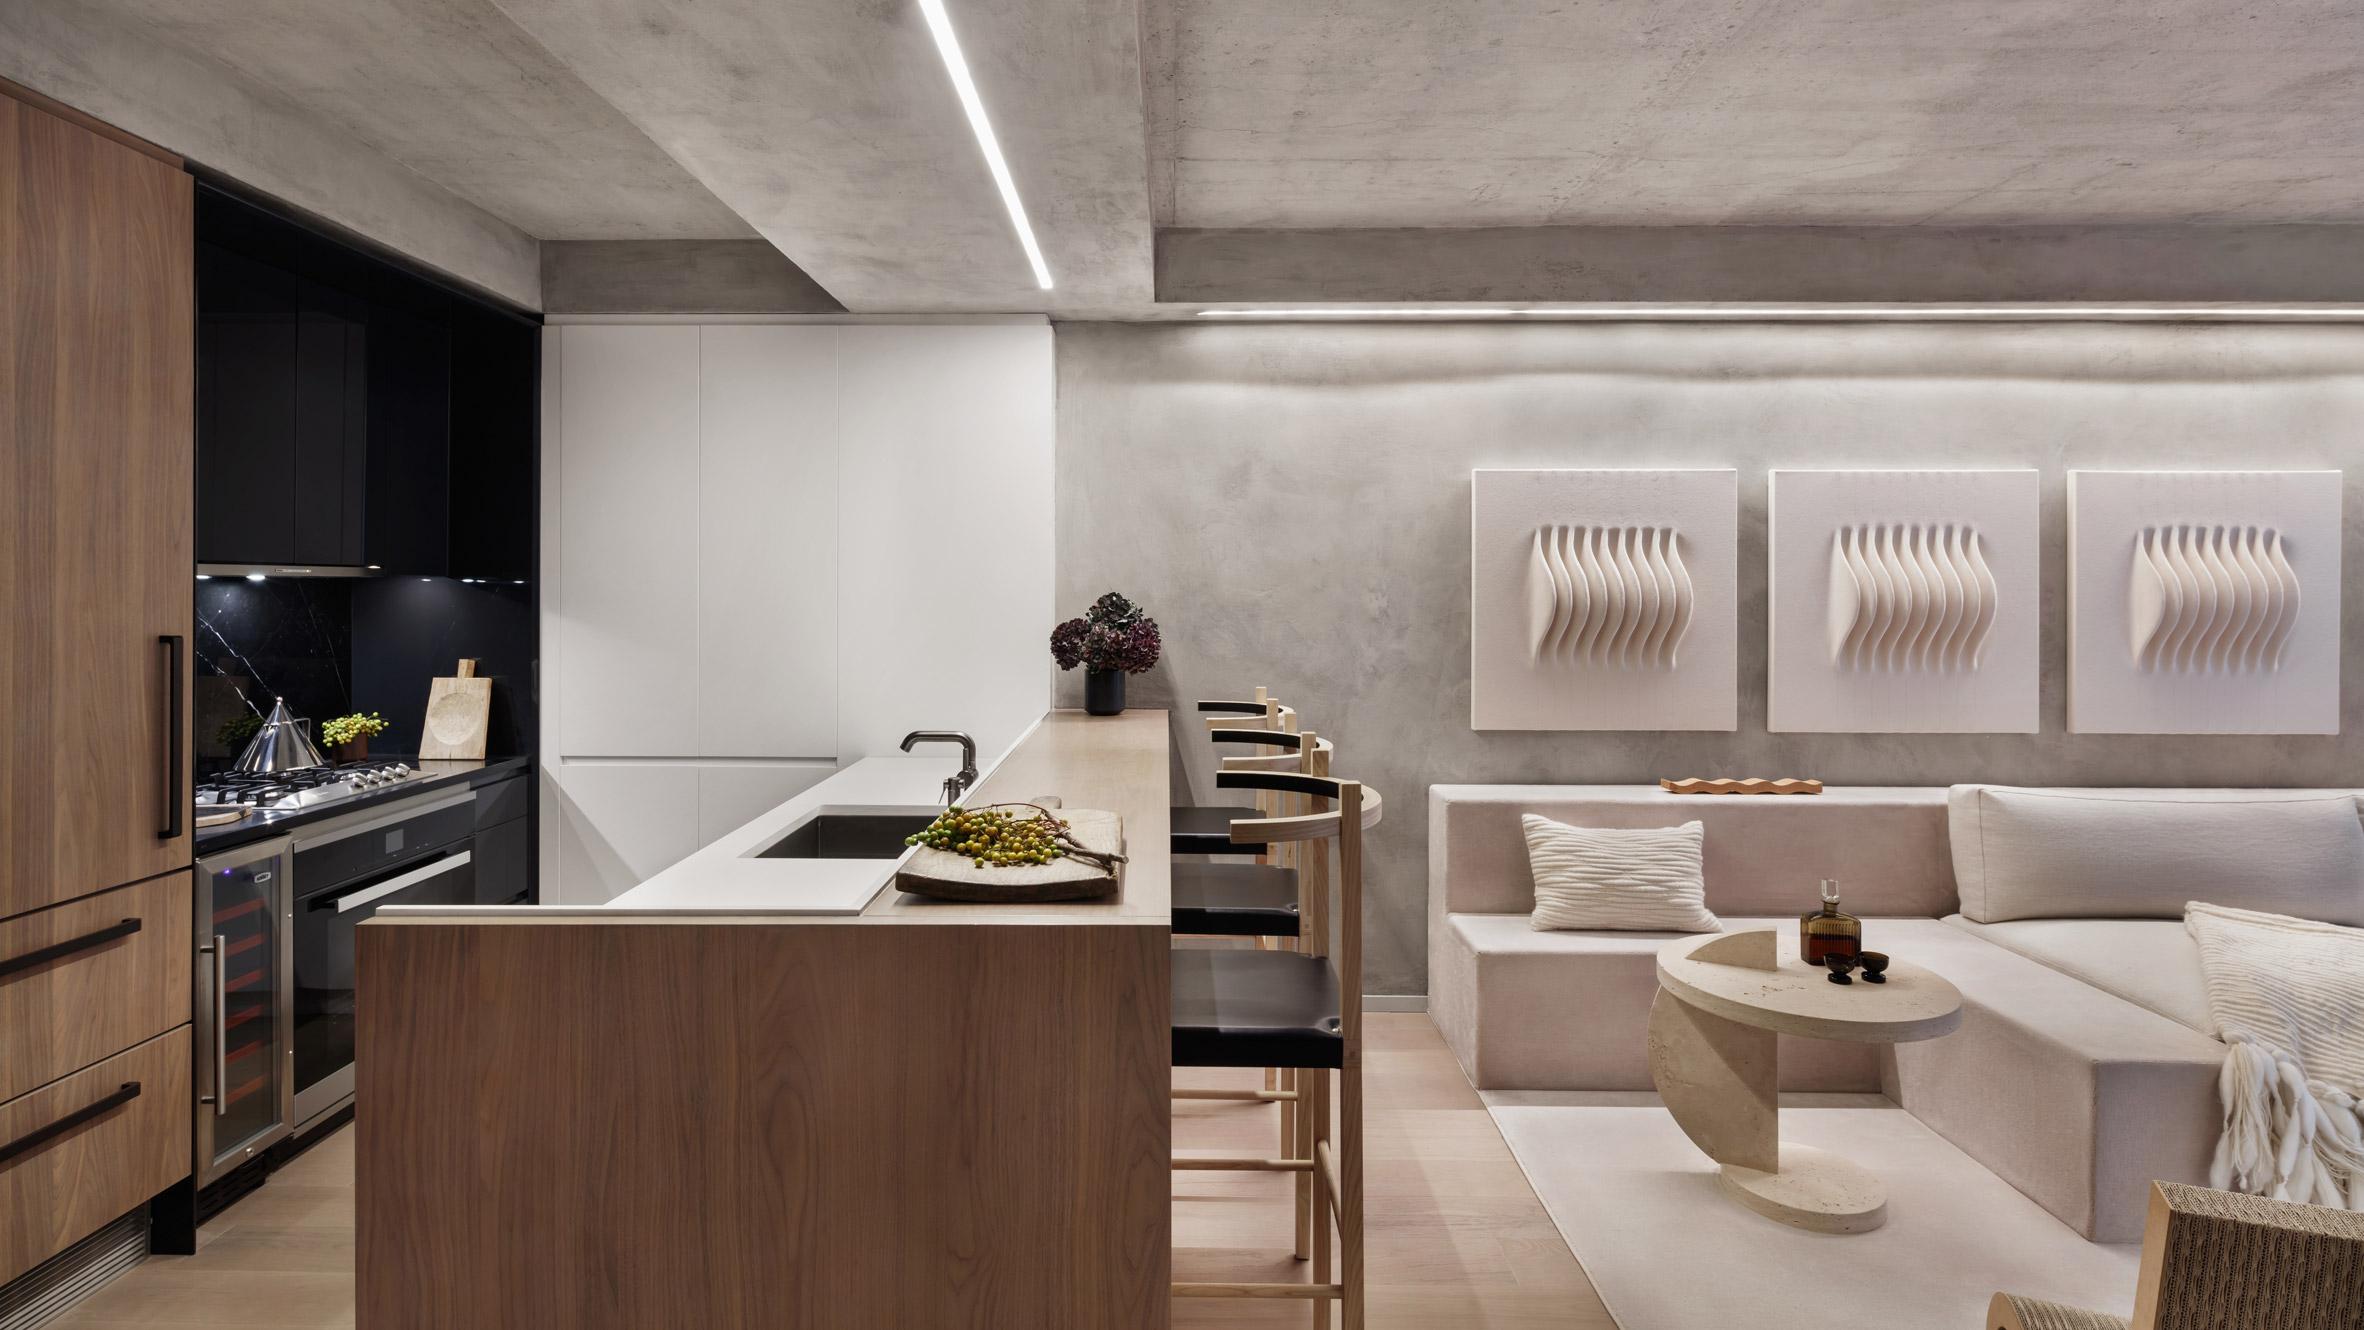 Нежни цветове са използвани за мострен апартамент в нова сграда